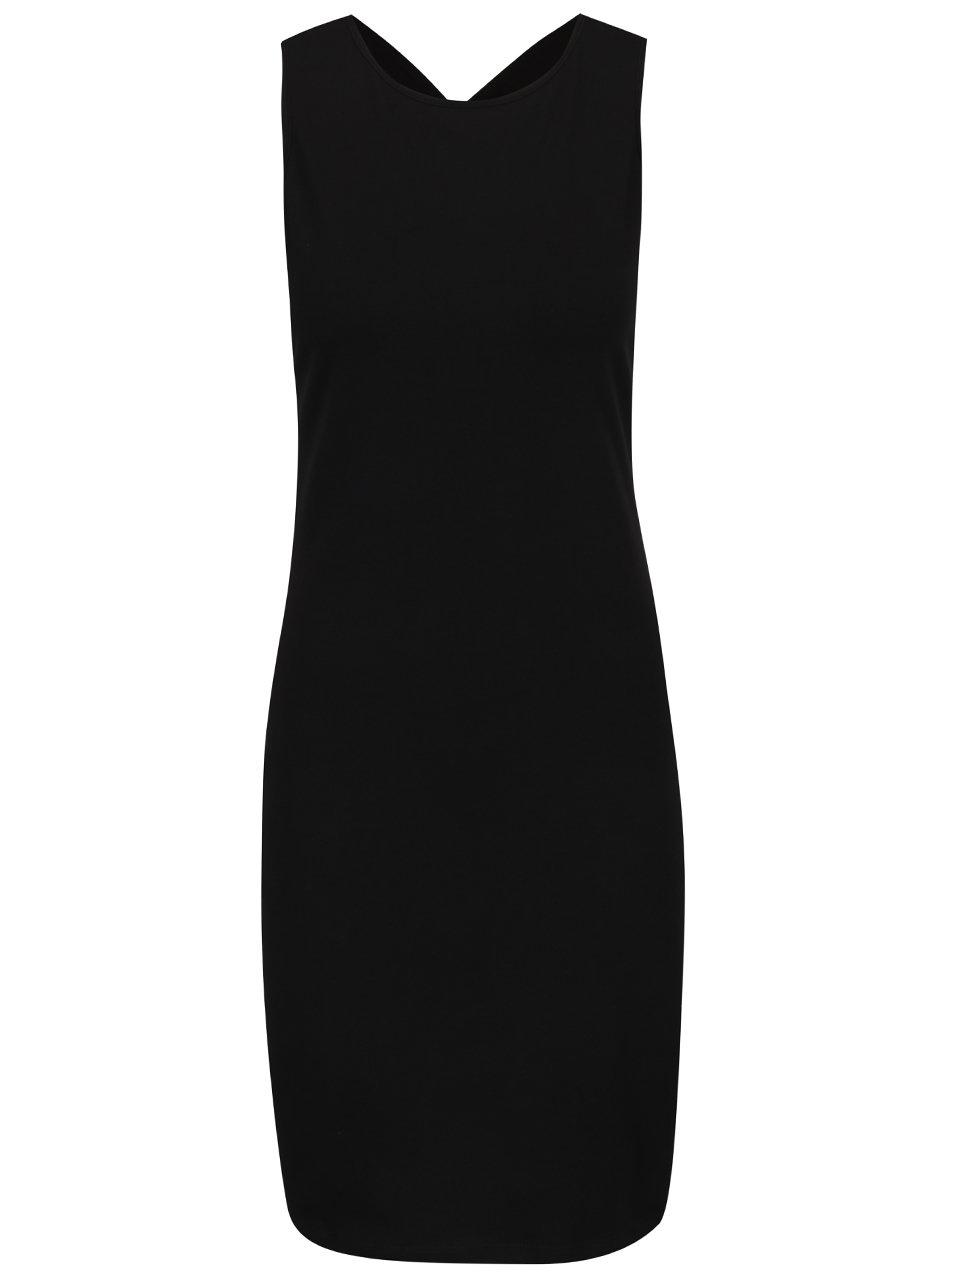 Černé šaty s pásky na zádech Noisy May Laila